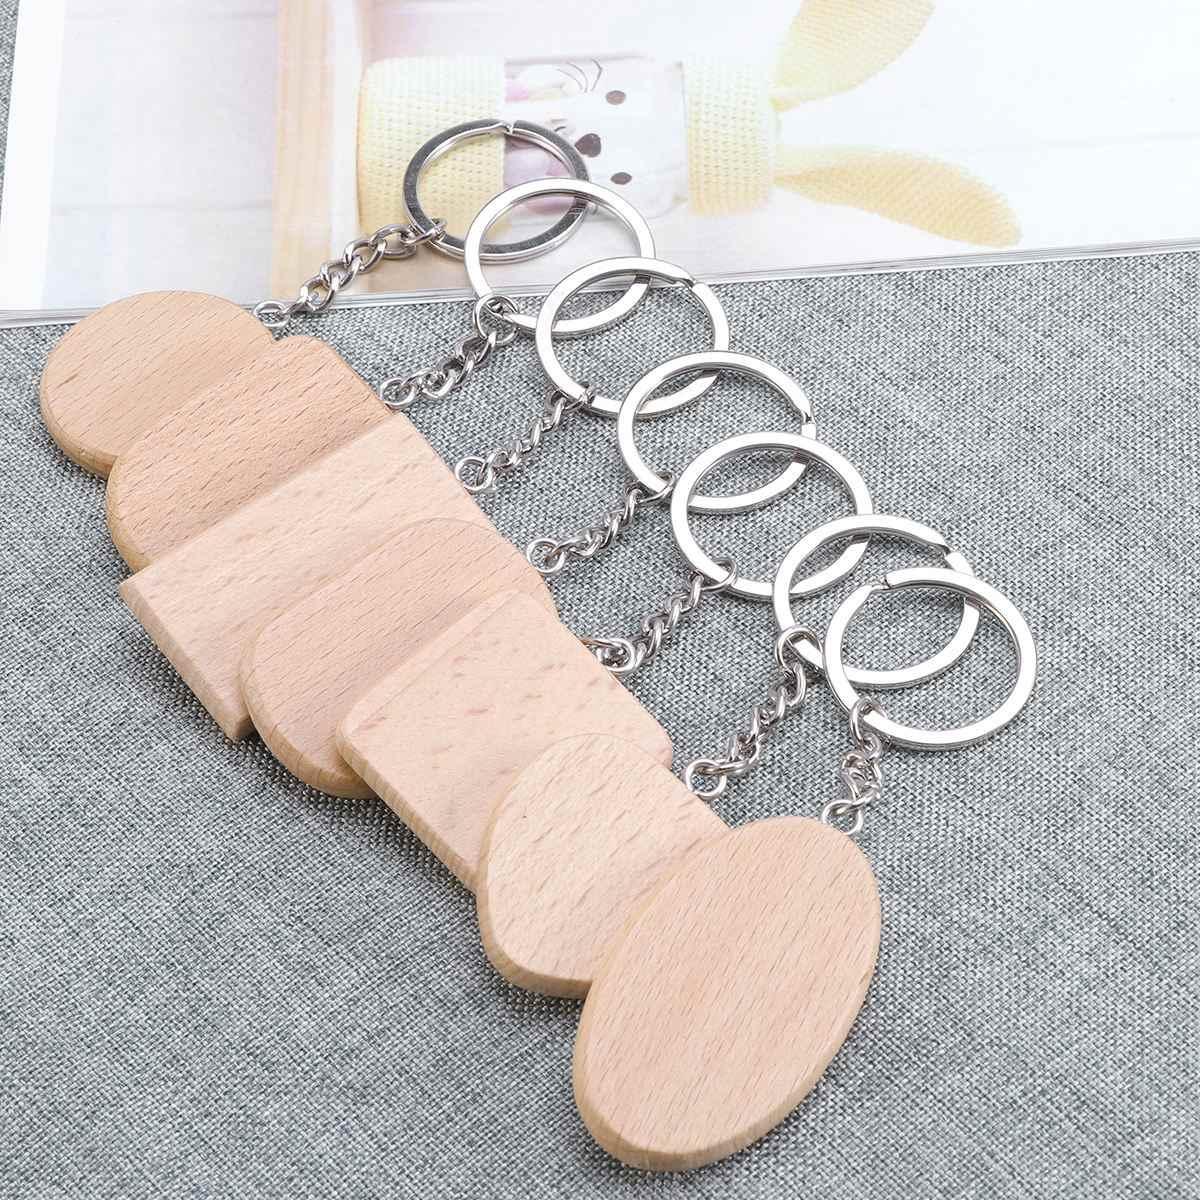 8 piunids/lote llavero de madera cadena decoración divertido DIY creativo llavero colgante llaveros regalo llaveros para hombre y mujer